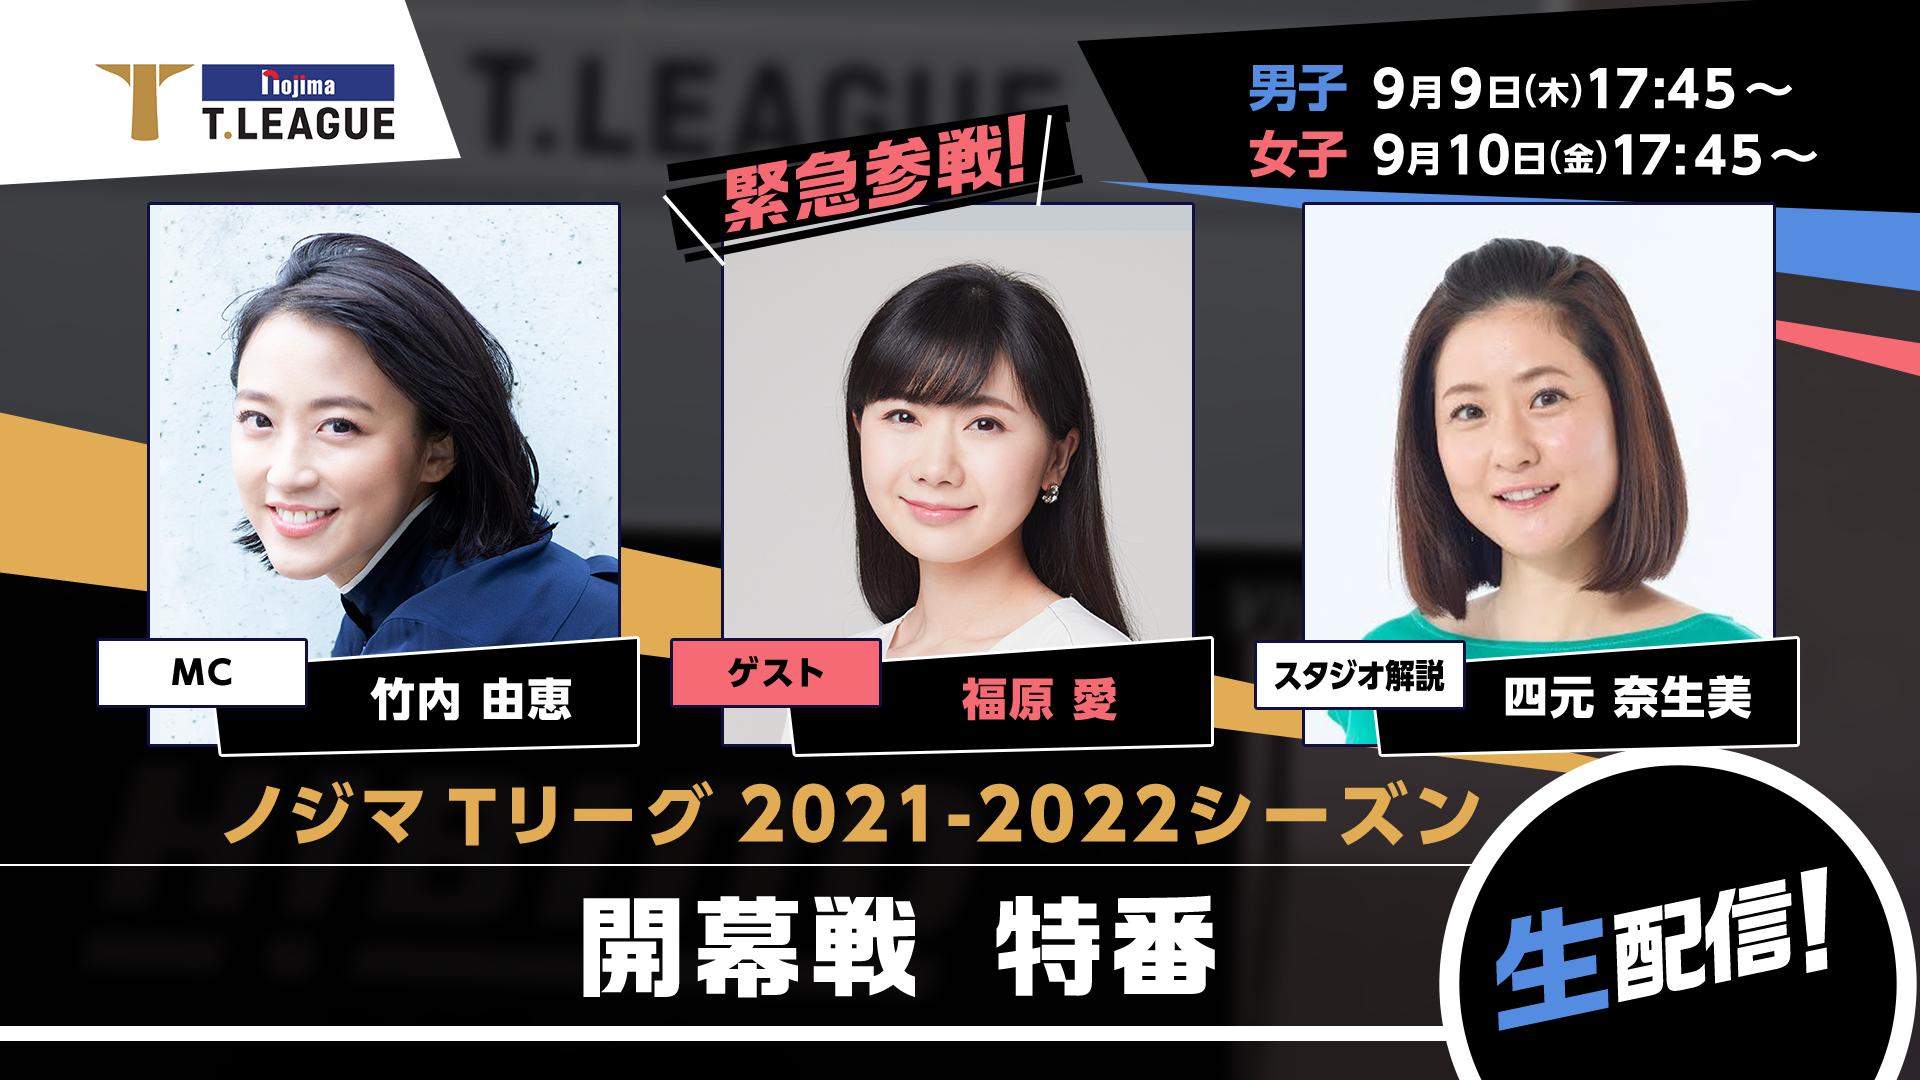 9月9日、9月10日「ノジマTリーグ開幕特番」をdtvチャンネル、ひかりTVで生配信!